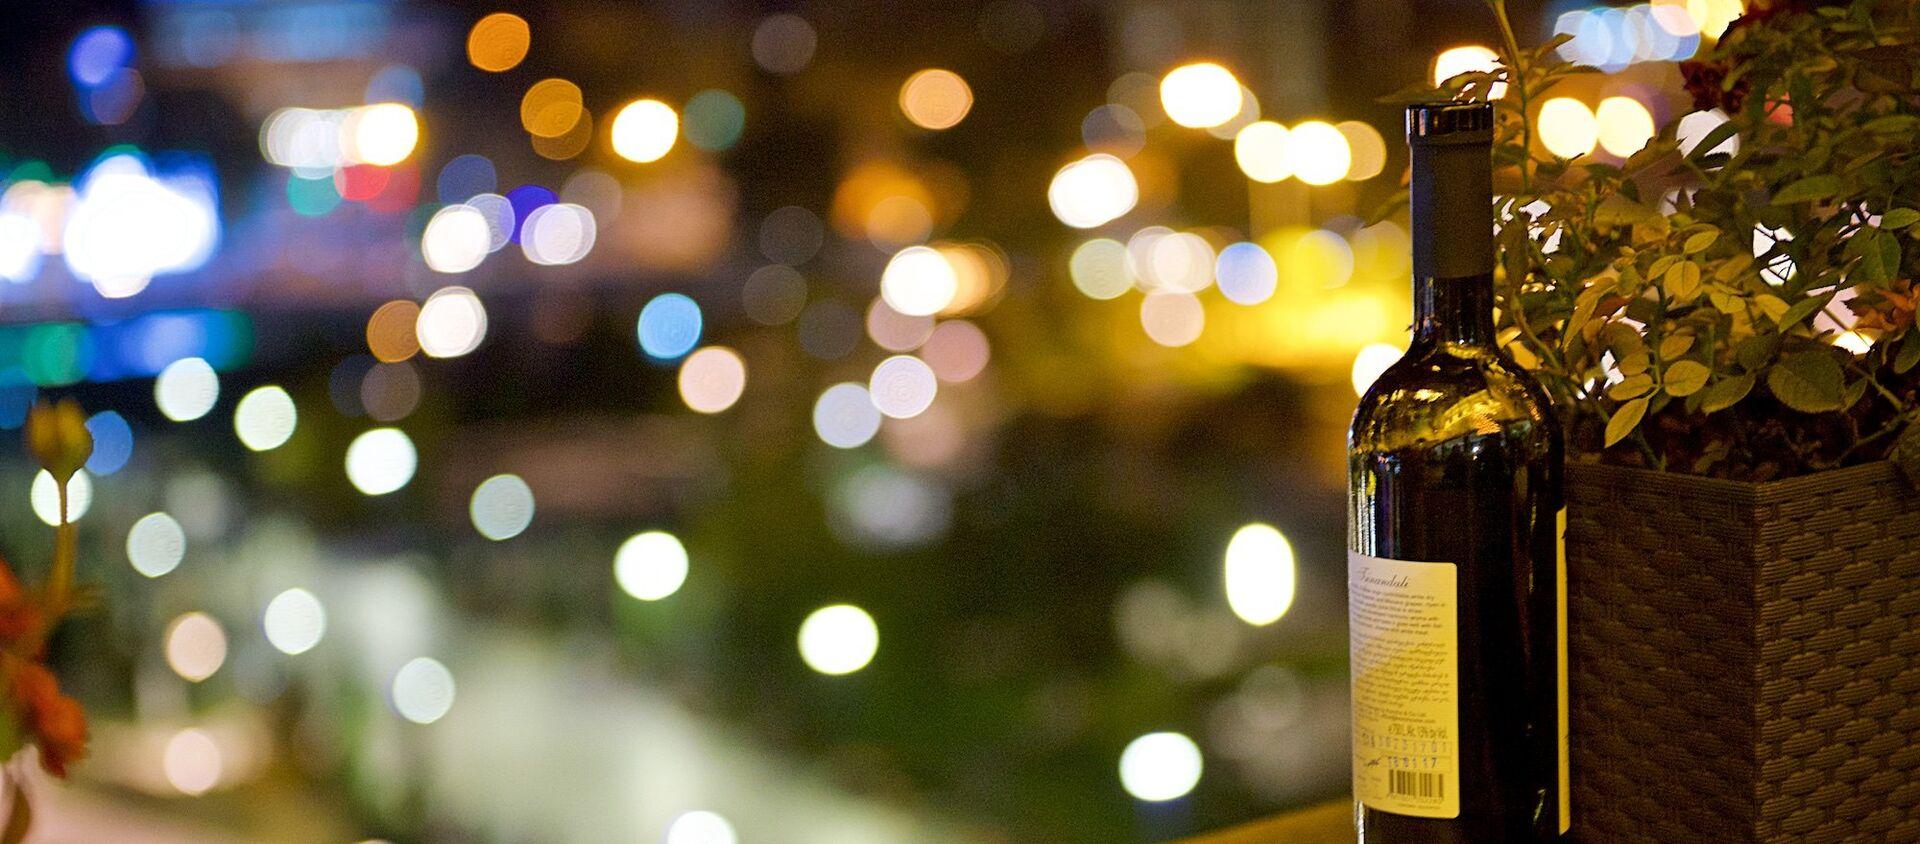 Бутылка с грузинским вином - Sputnik Грузия, 1920, 08.06.2021